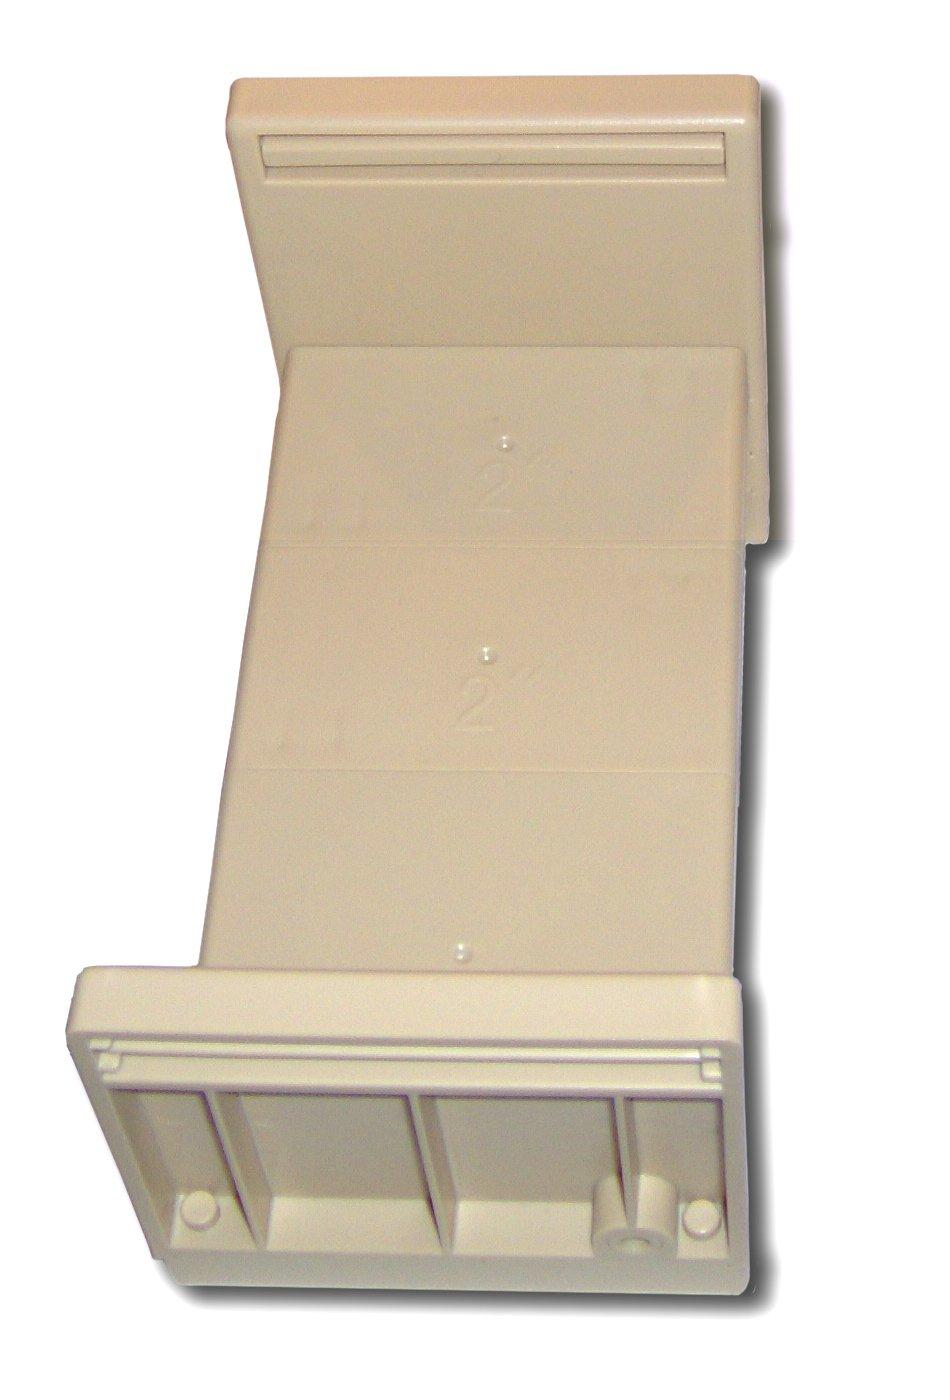 Versa-Loom, Bead Loom Sova Enterprises 00010096